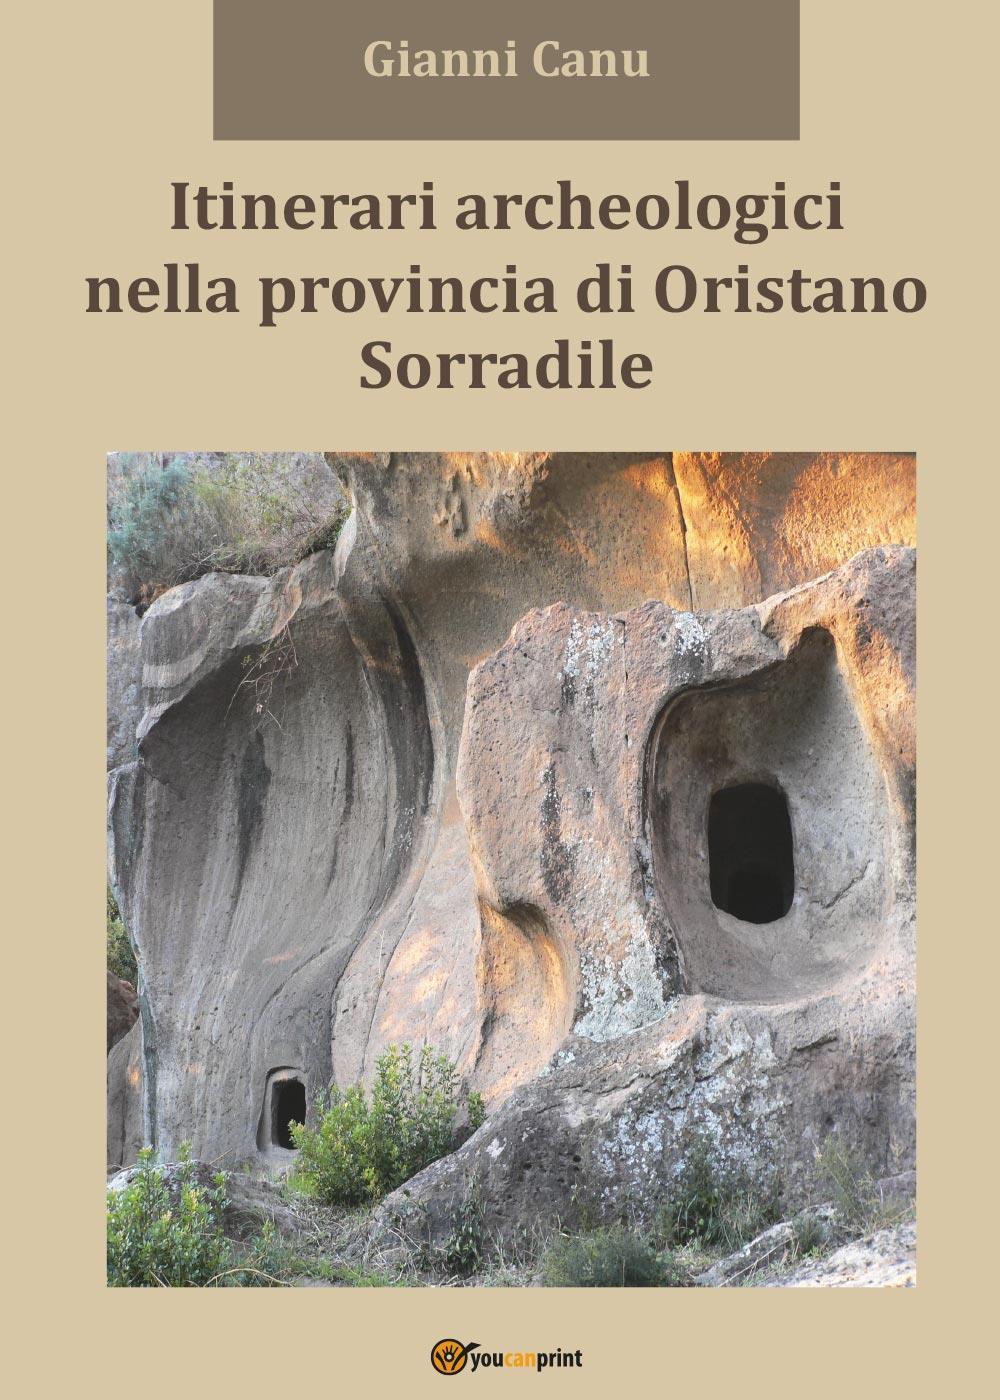 Itinerari archeologici nella provincia di Oristano - Sorradile